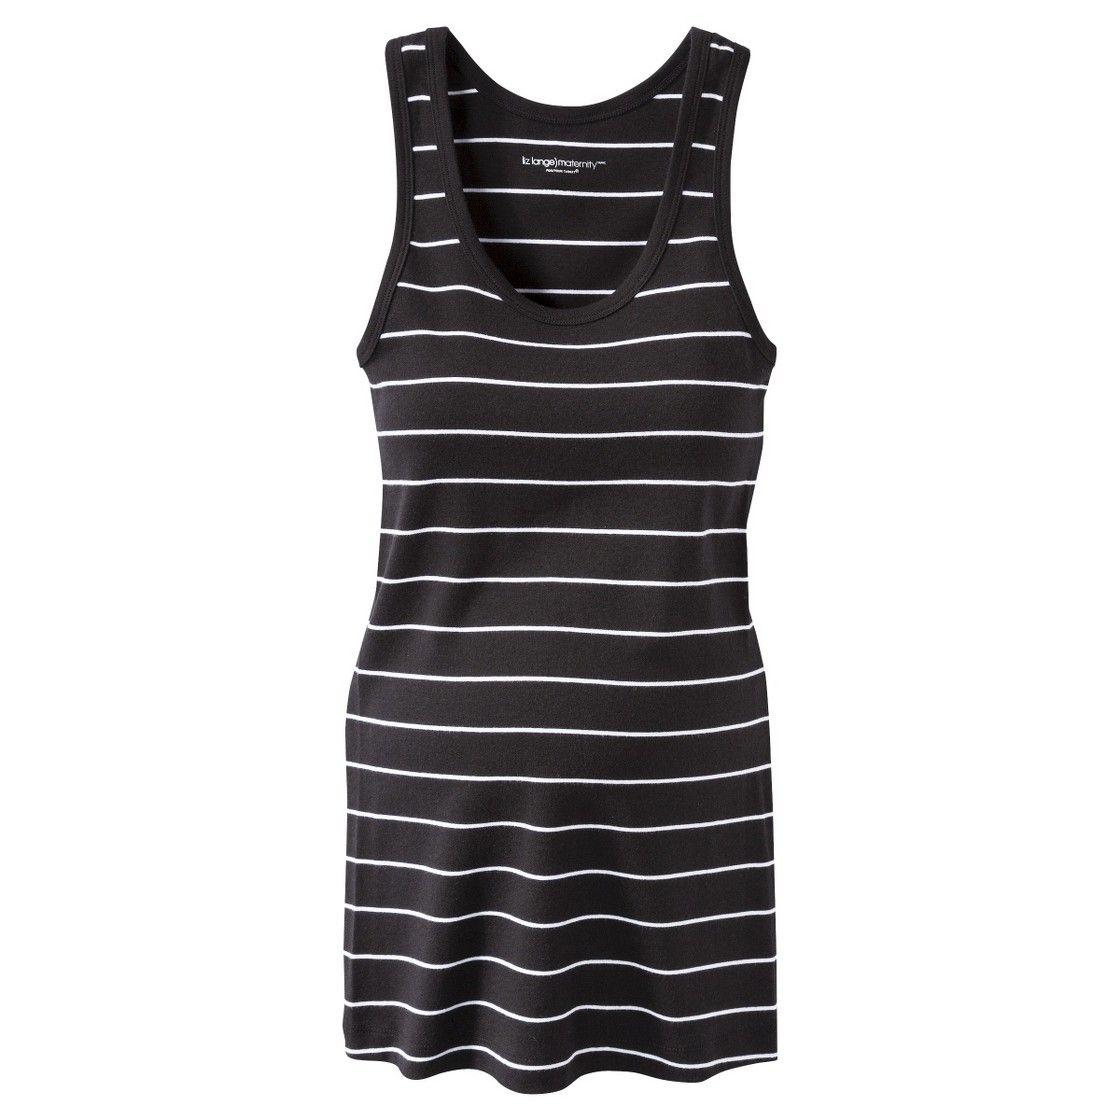 1ab5af6a753ee Maternity Fashion Tank Top-Liz Lange  for Target